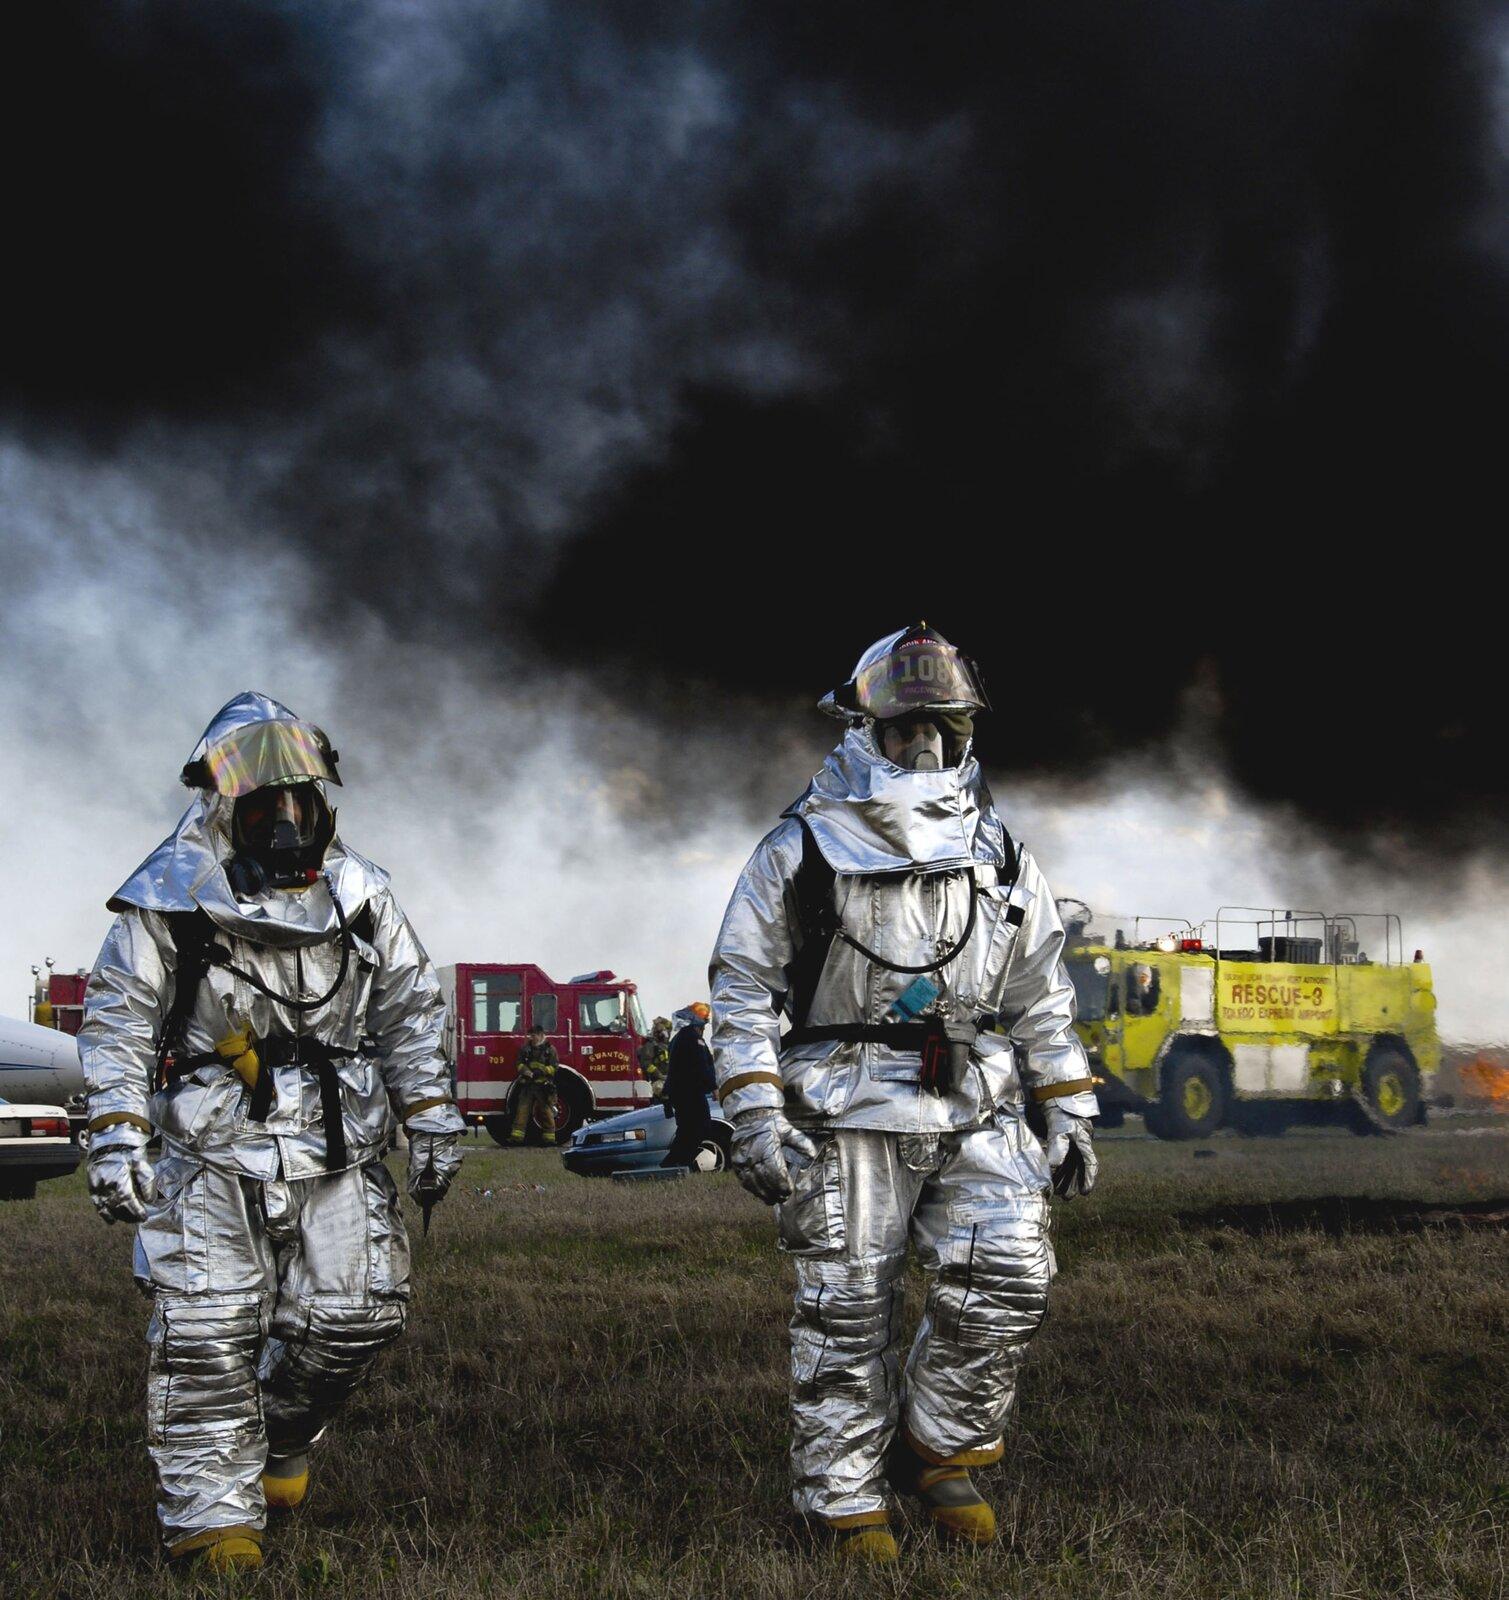 Zdjęcie przedstawia dwóch mężczyzn wskafandrach. Mężczyźni idą po trawie. Wtle wozy strażackie. Niebo pokryte gęstym, czarnym dymem. Skafandry ikaski srebrno-szare. Skafandry osłaniają całe ciała mężczyzn. Mężczyźni na nogach mają żółte buty.